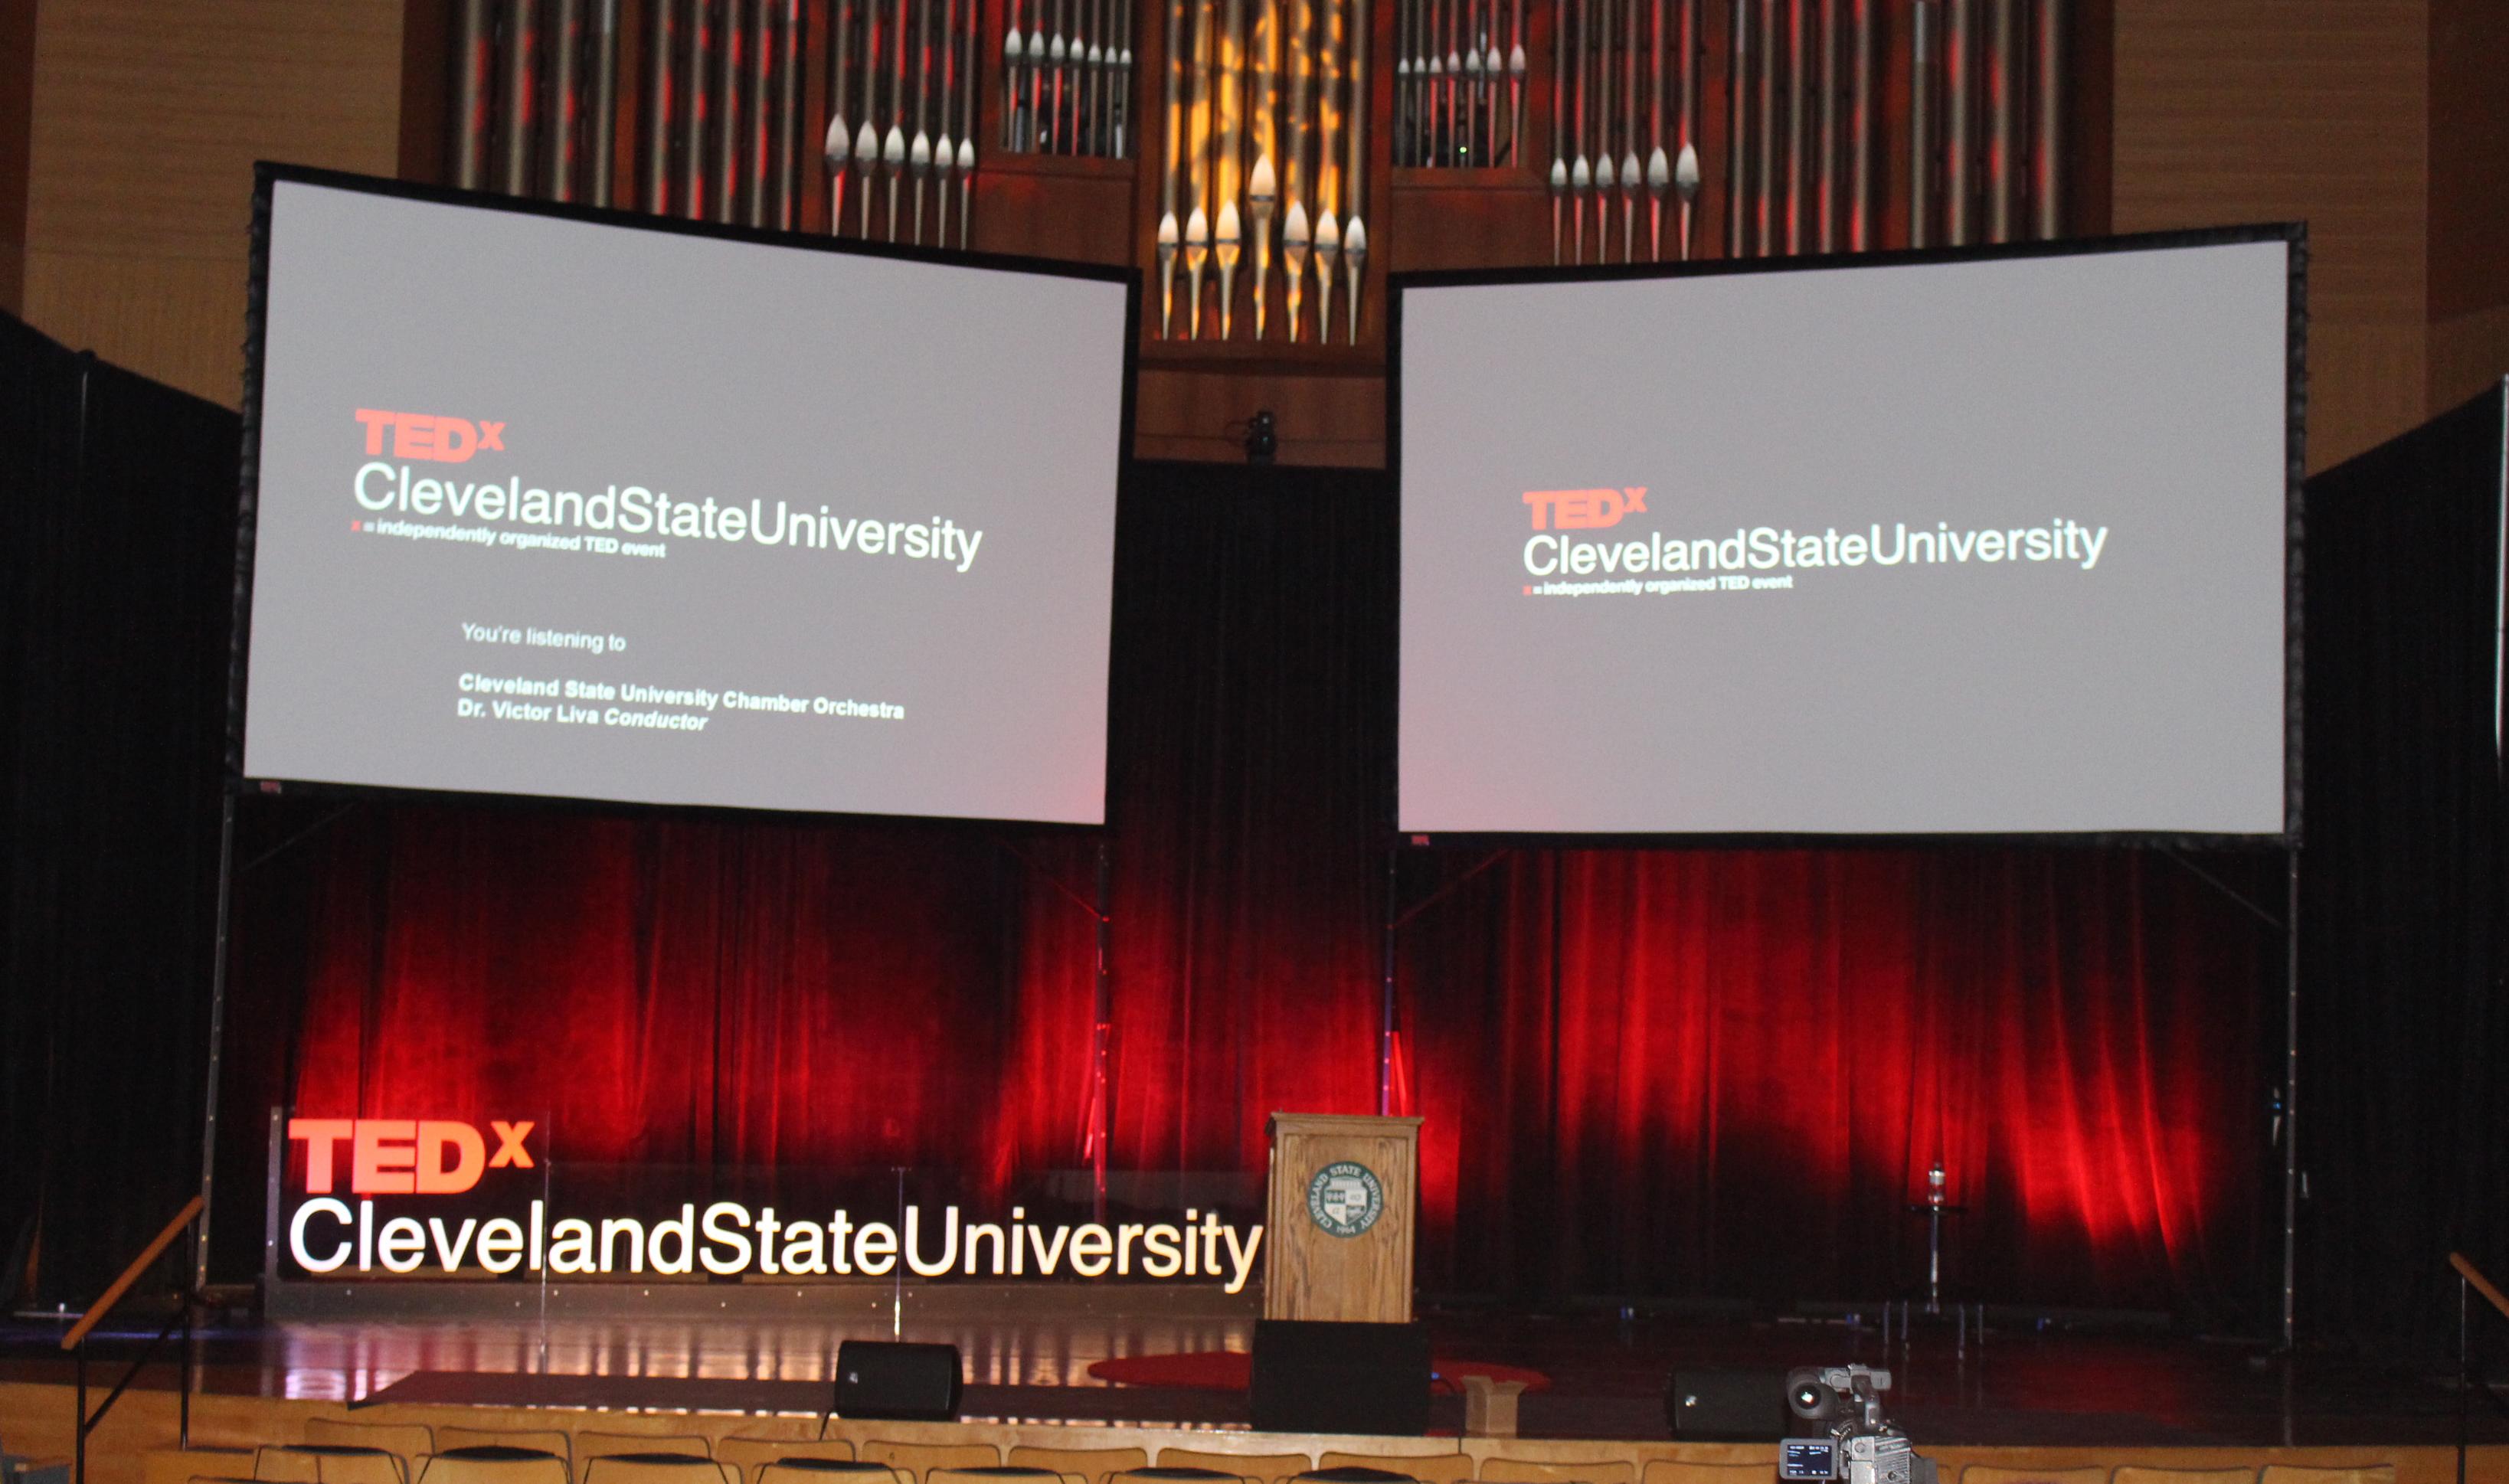 TEDx Cleveland State University